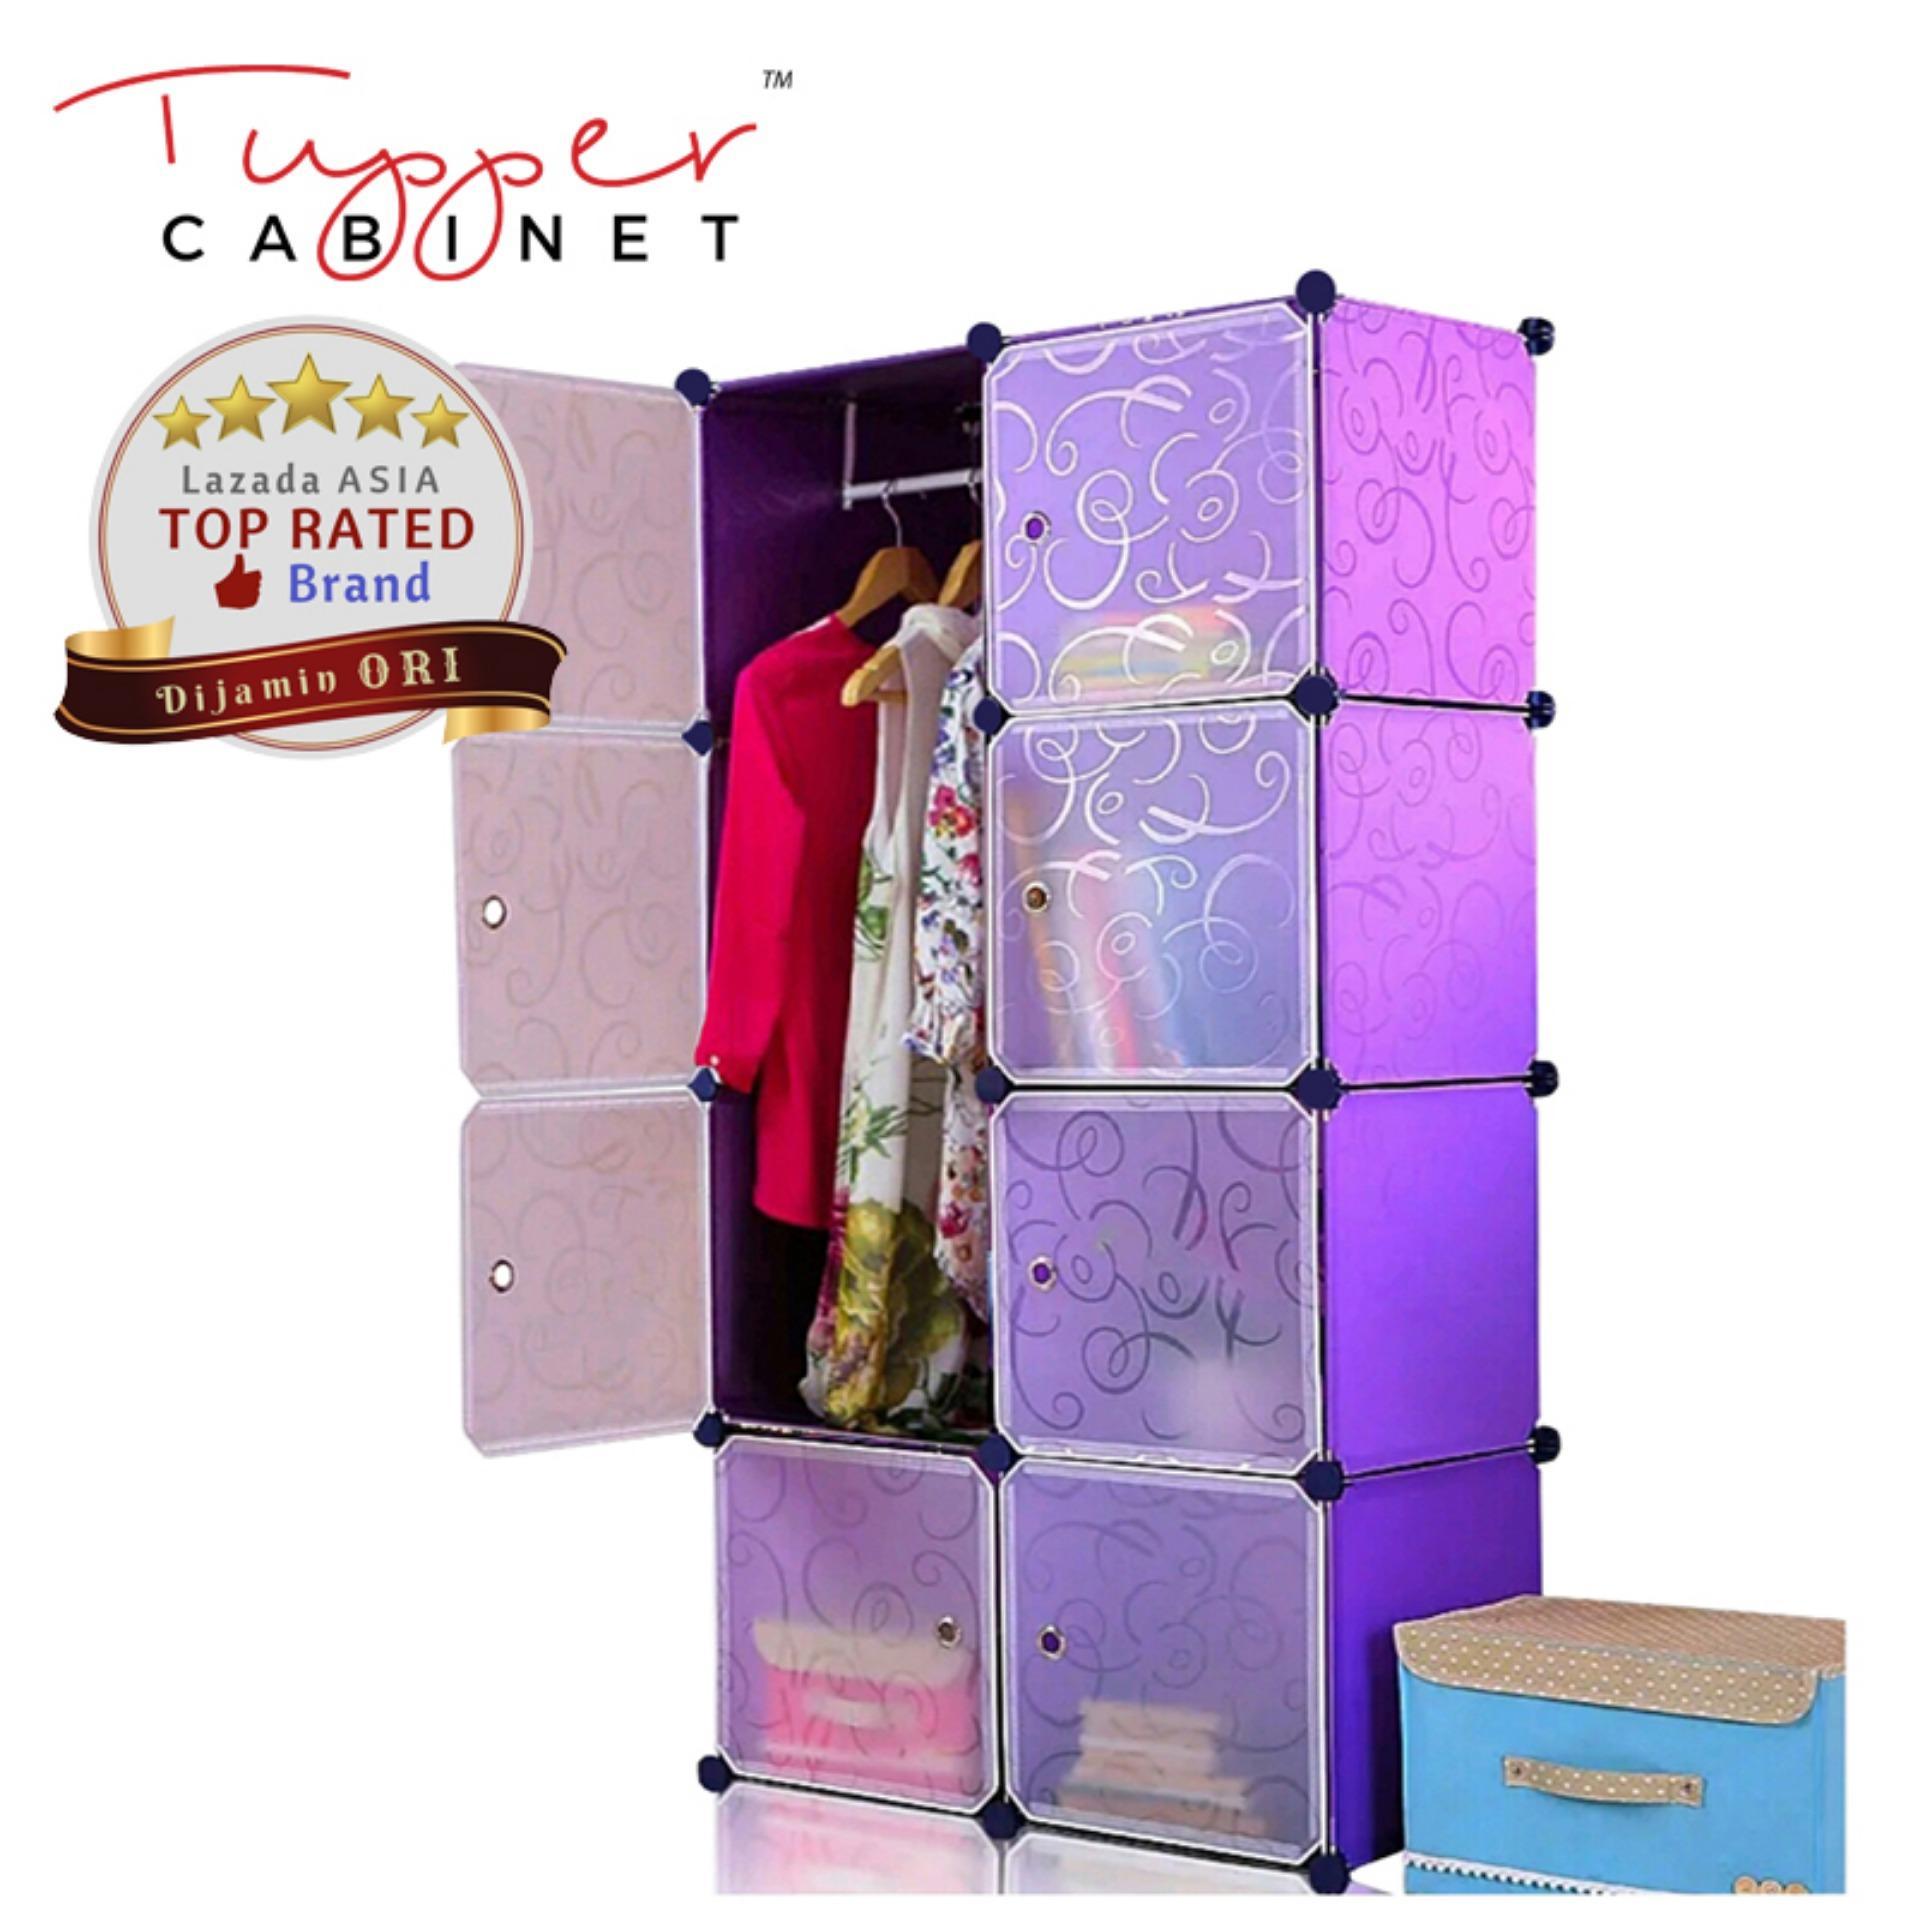 [Original] Tupper Cabinet DIY 8 Pintu Lemari Modern Korean Desain - Elegant Purple